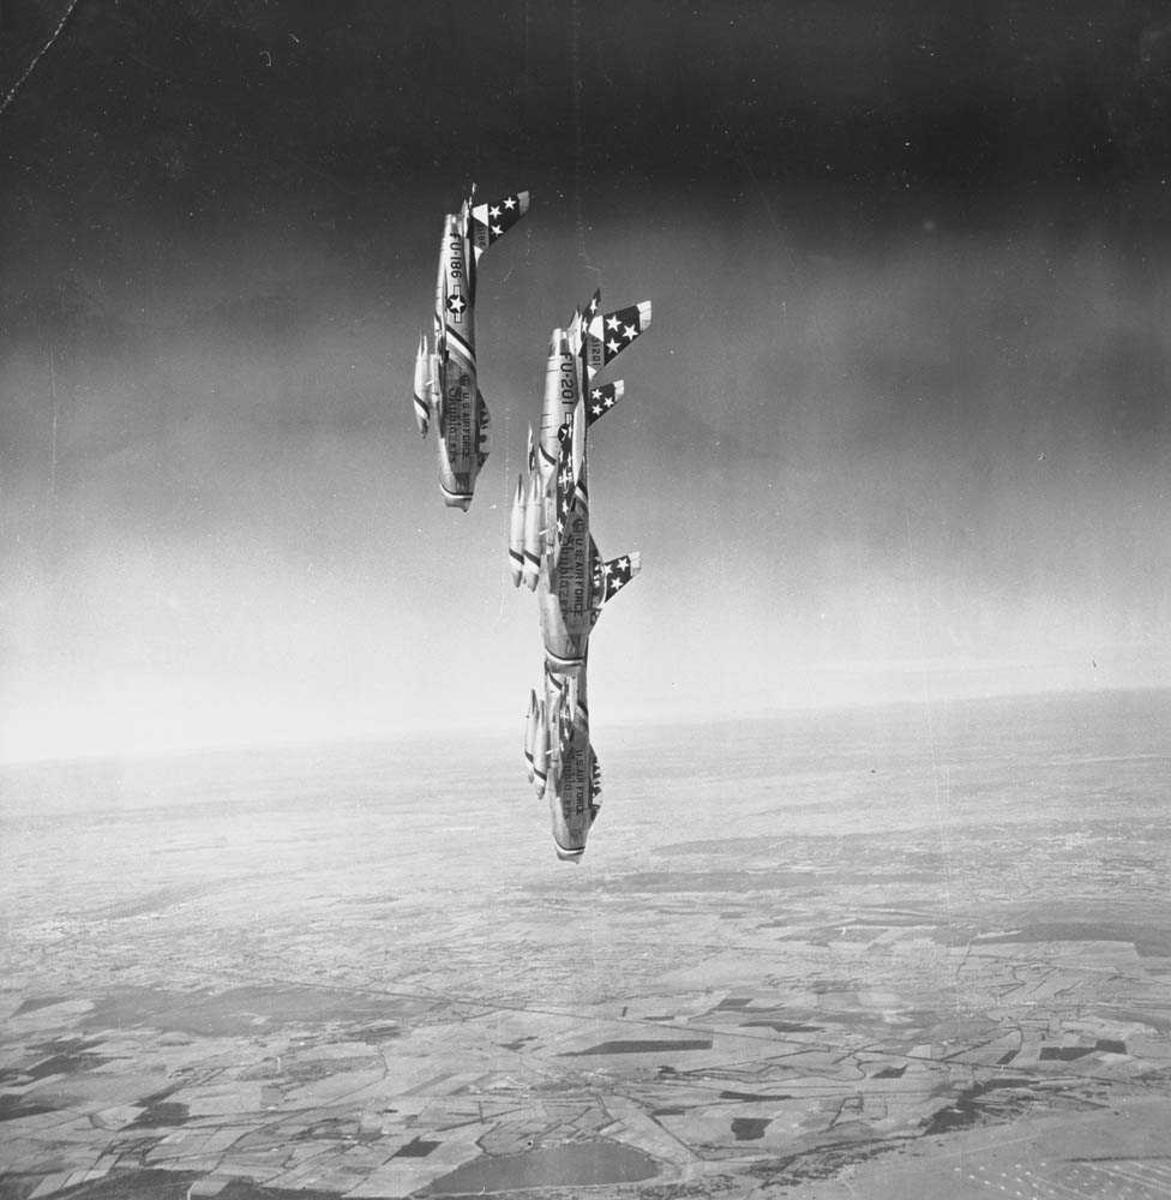 3 jagerfly fra US Air Force, av typen F-86F Sabre, holder flyoppvisning.